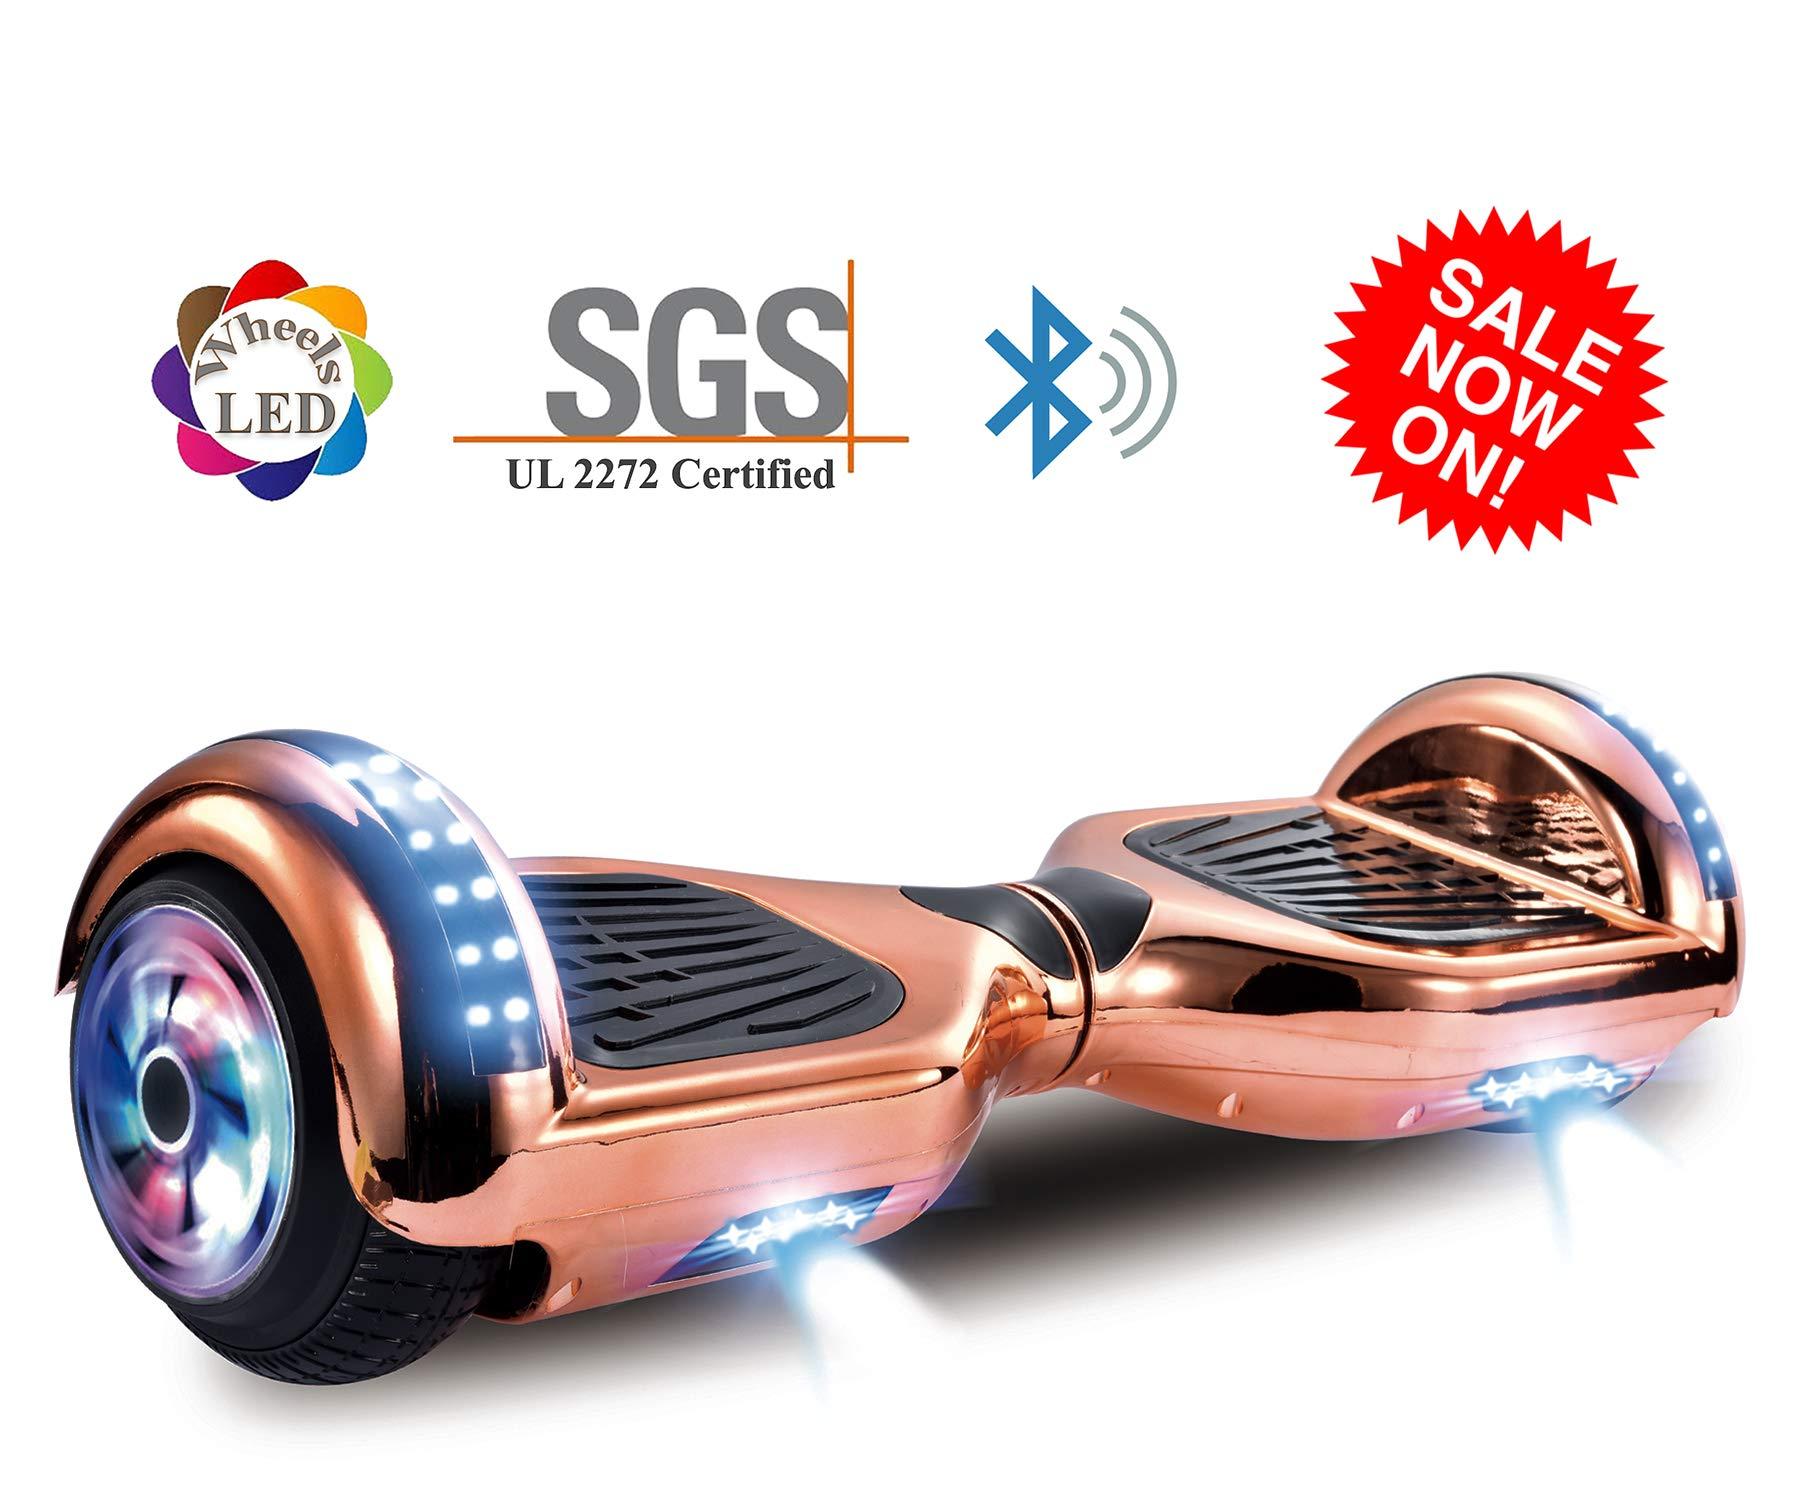 Dartjet 6.5'' Smart Self-Balanced Hoverboard UL-2272 Certified, Build-in Bluetooth Speaker, Illuminated Colorful LED Wheels, LED Fender & Front Lights (Chrome Rose)